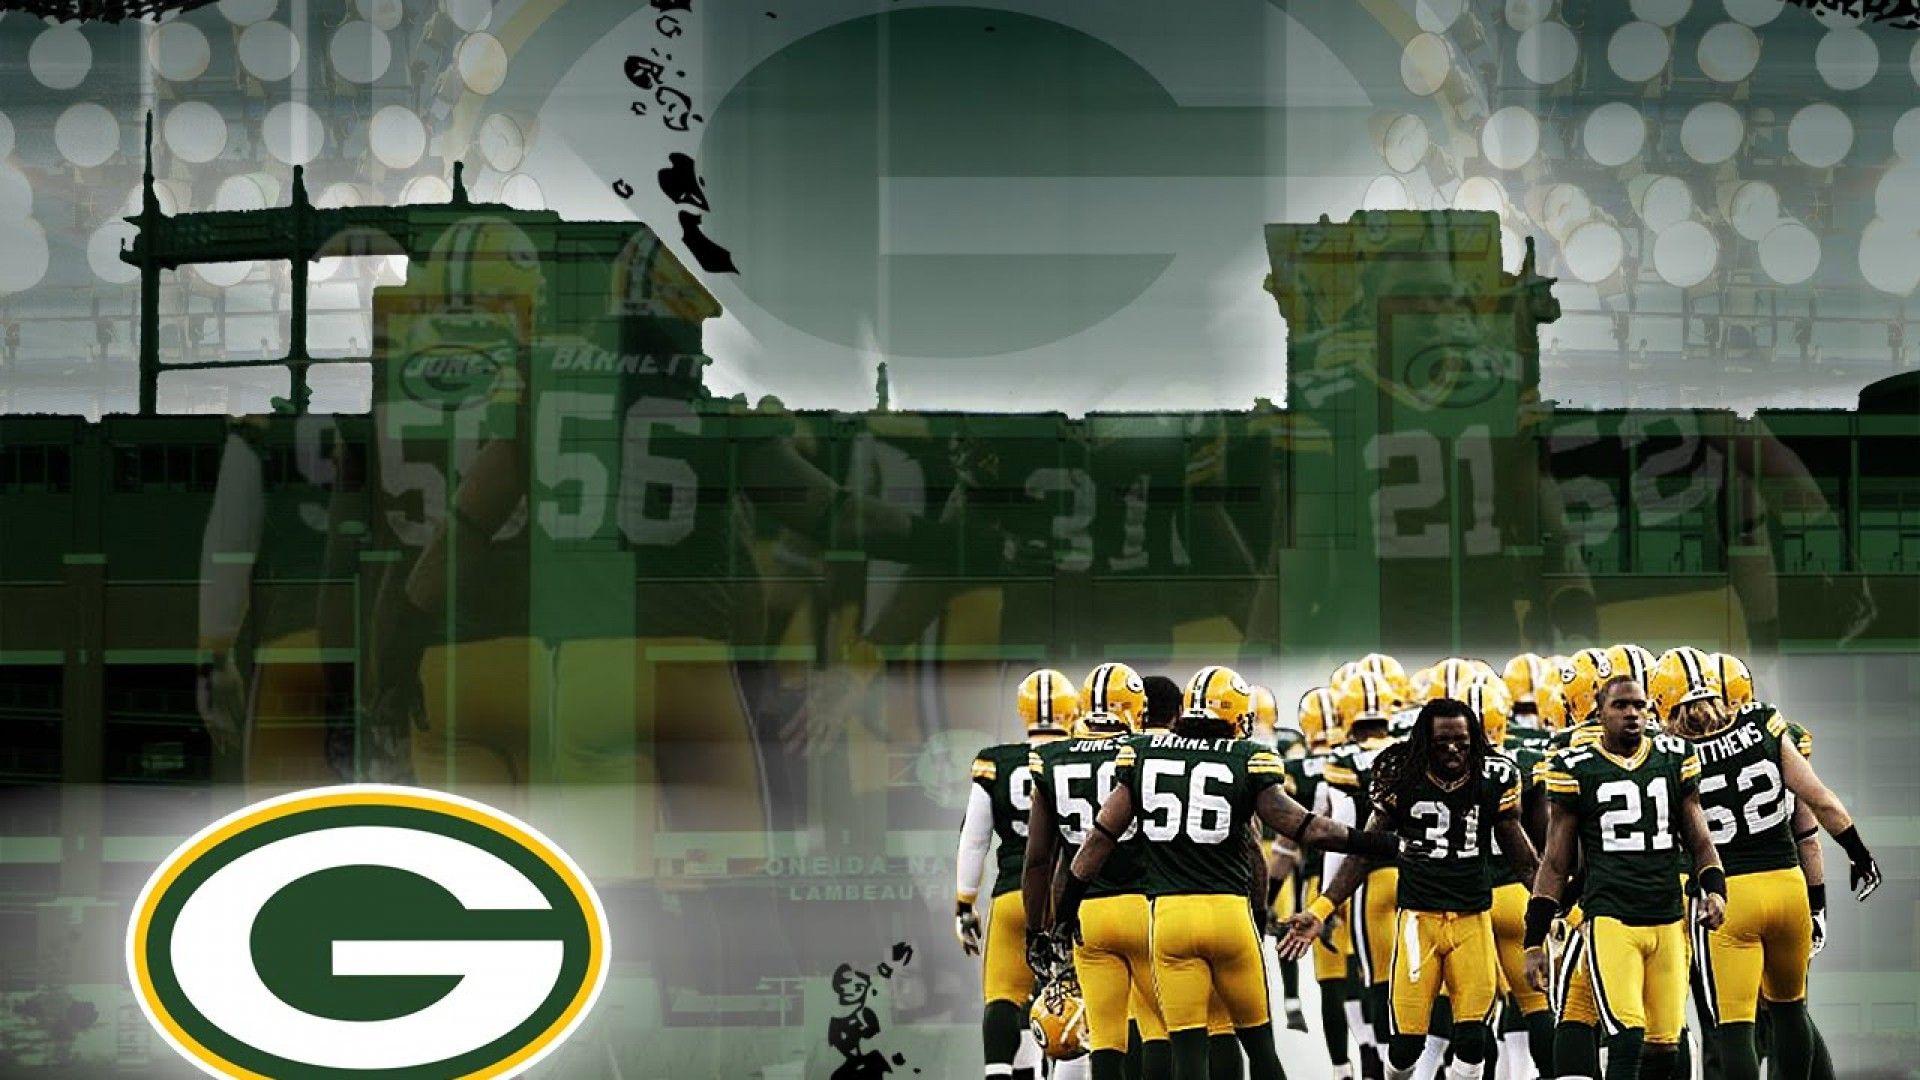 341c0c10fe332616b0d2dc4fb0d65831 Jpg 1920 1080 Green Bay Packers Wallpaper Green Bay Packers Green Bay